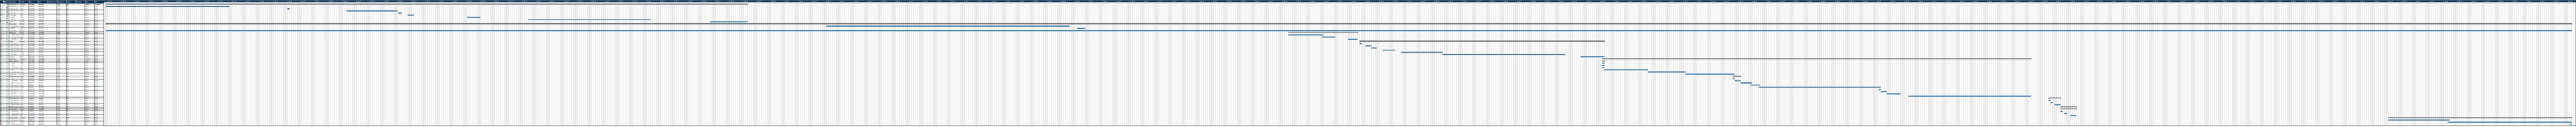 Gantt chart Gantt Chart